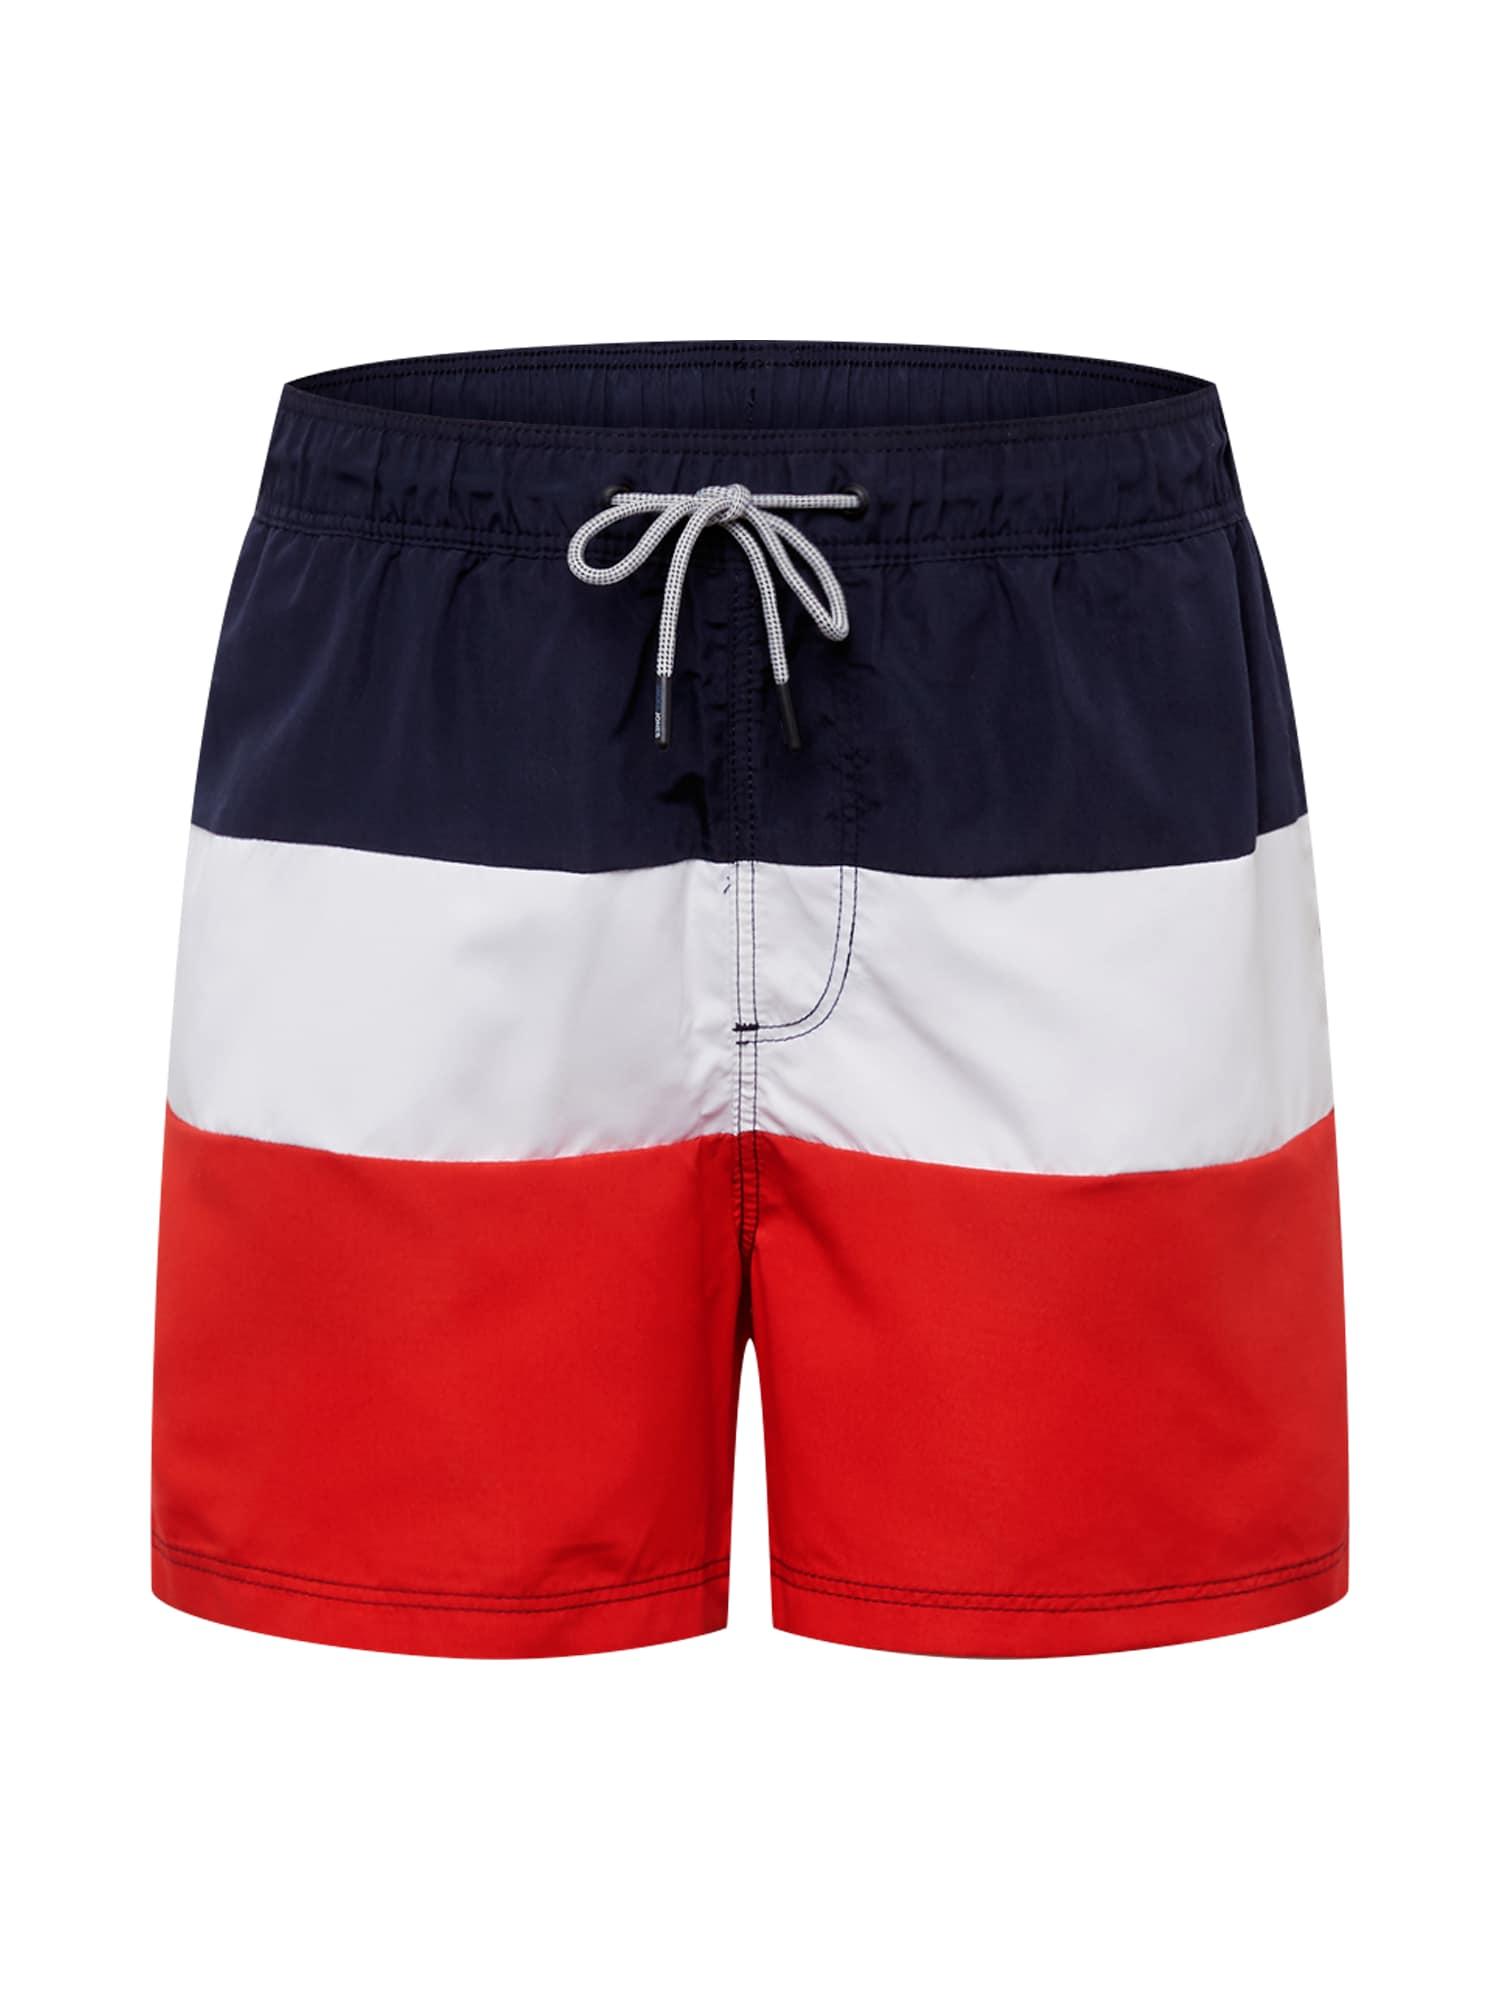 JACK & JONES Plavecké šortky 'Iaruba'  červené / námornícka modrá / biela